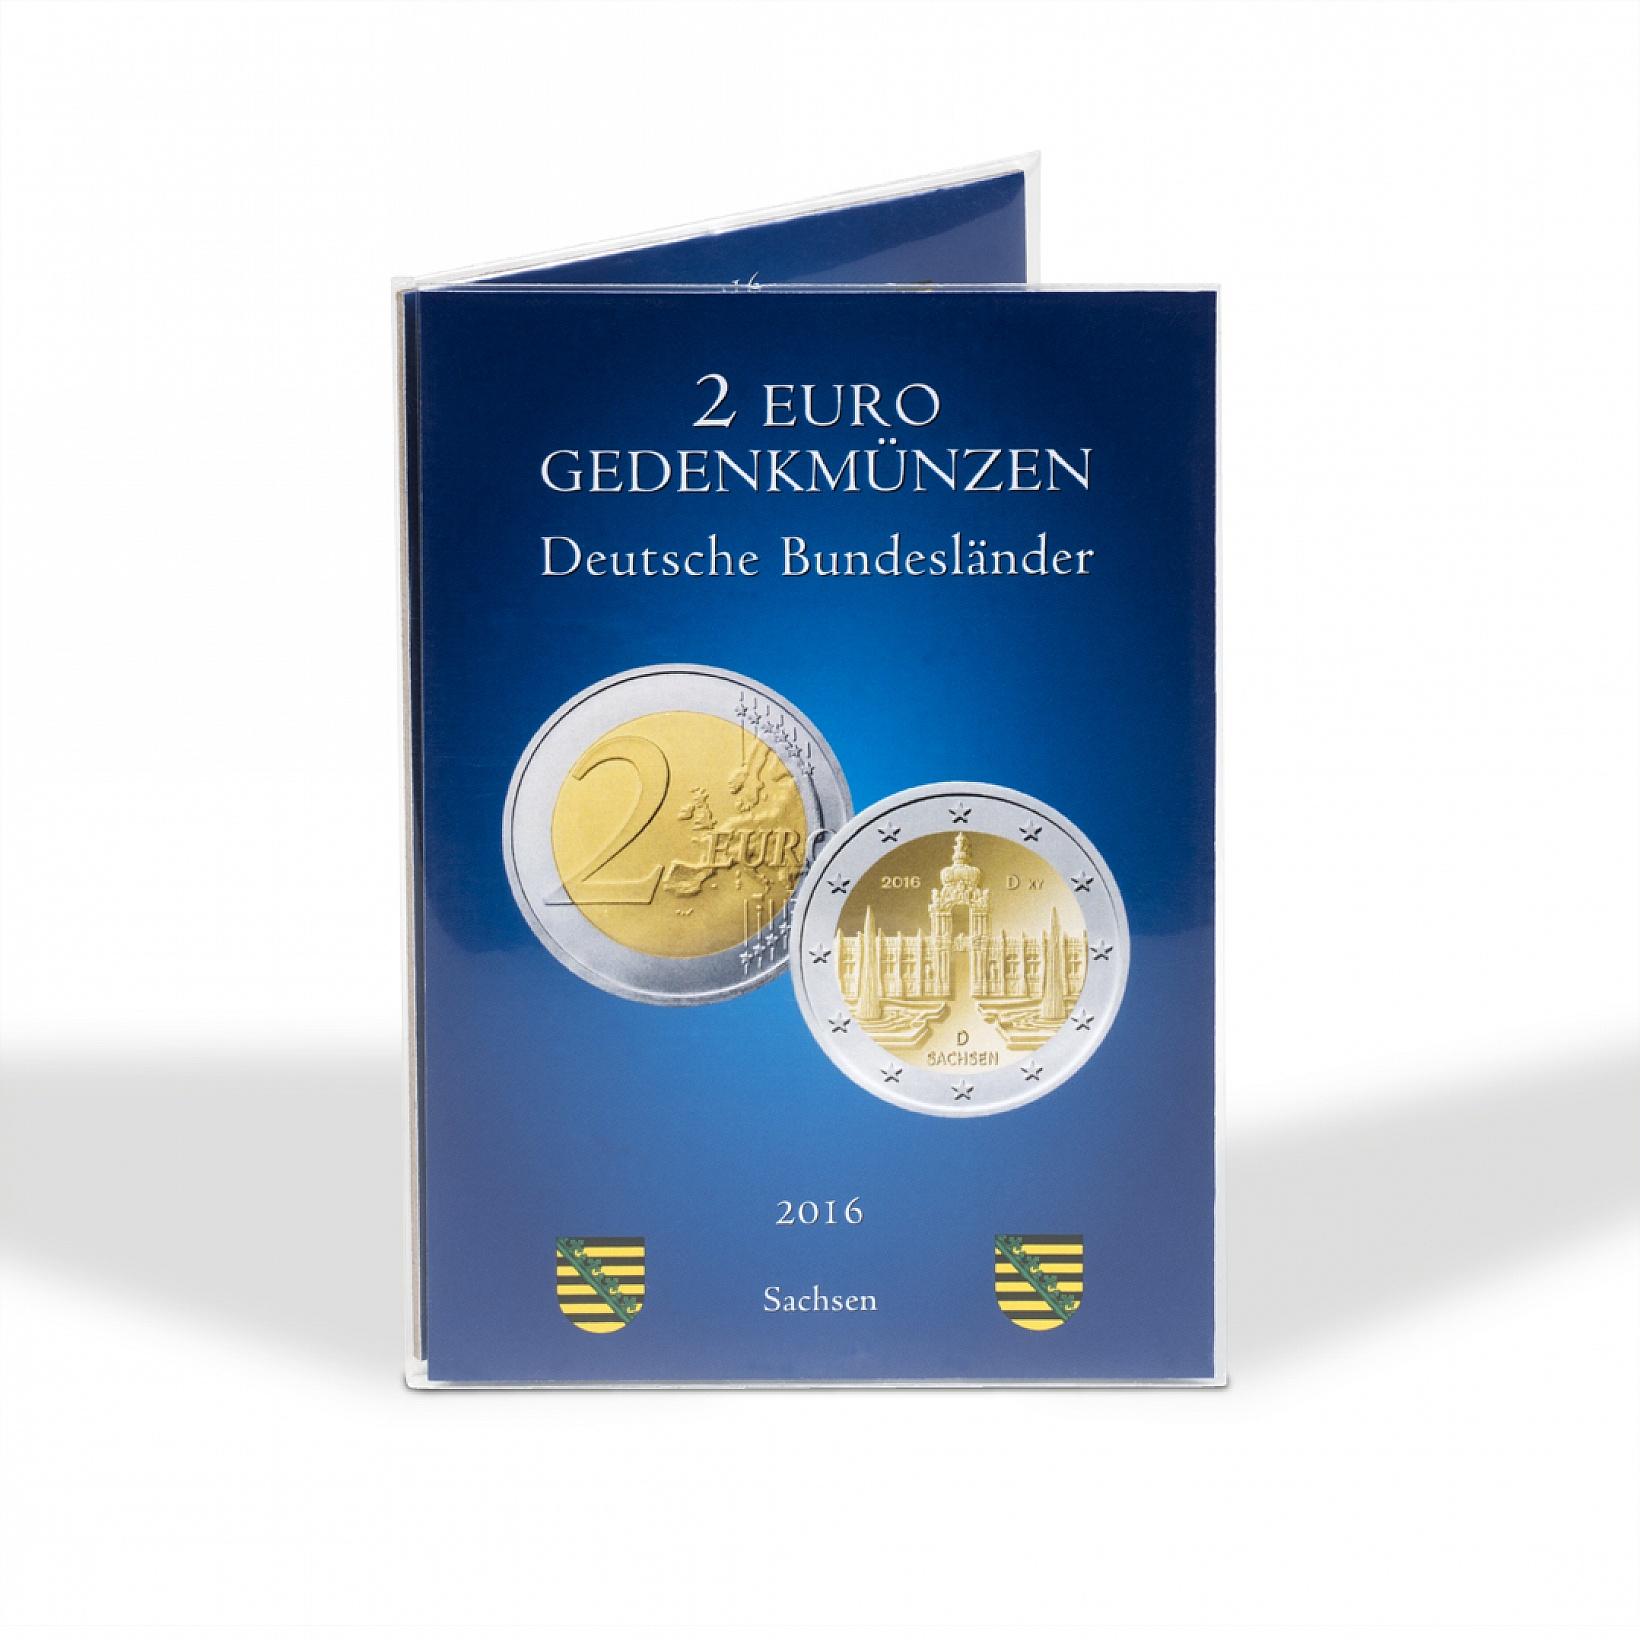 Mescide Sammlerzubehör Münzkarte Für 2 Euro Münzen Brd Sachsen